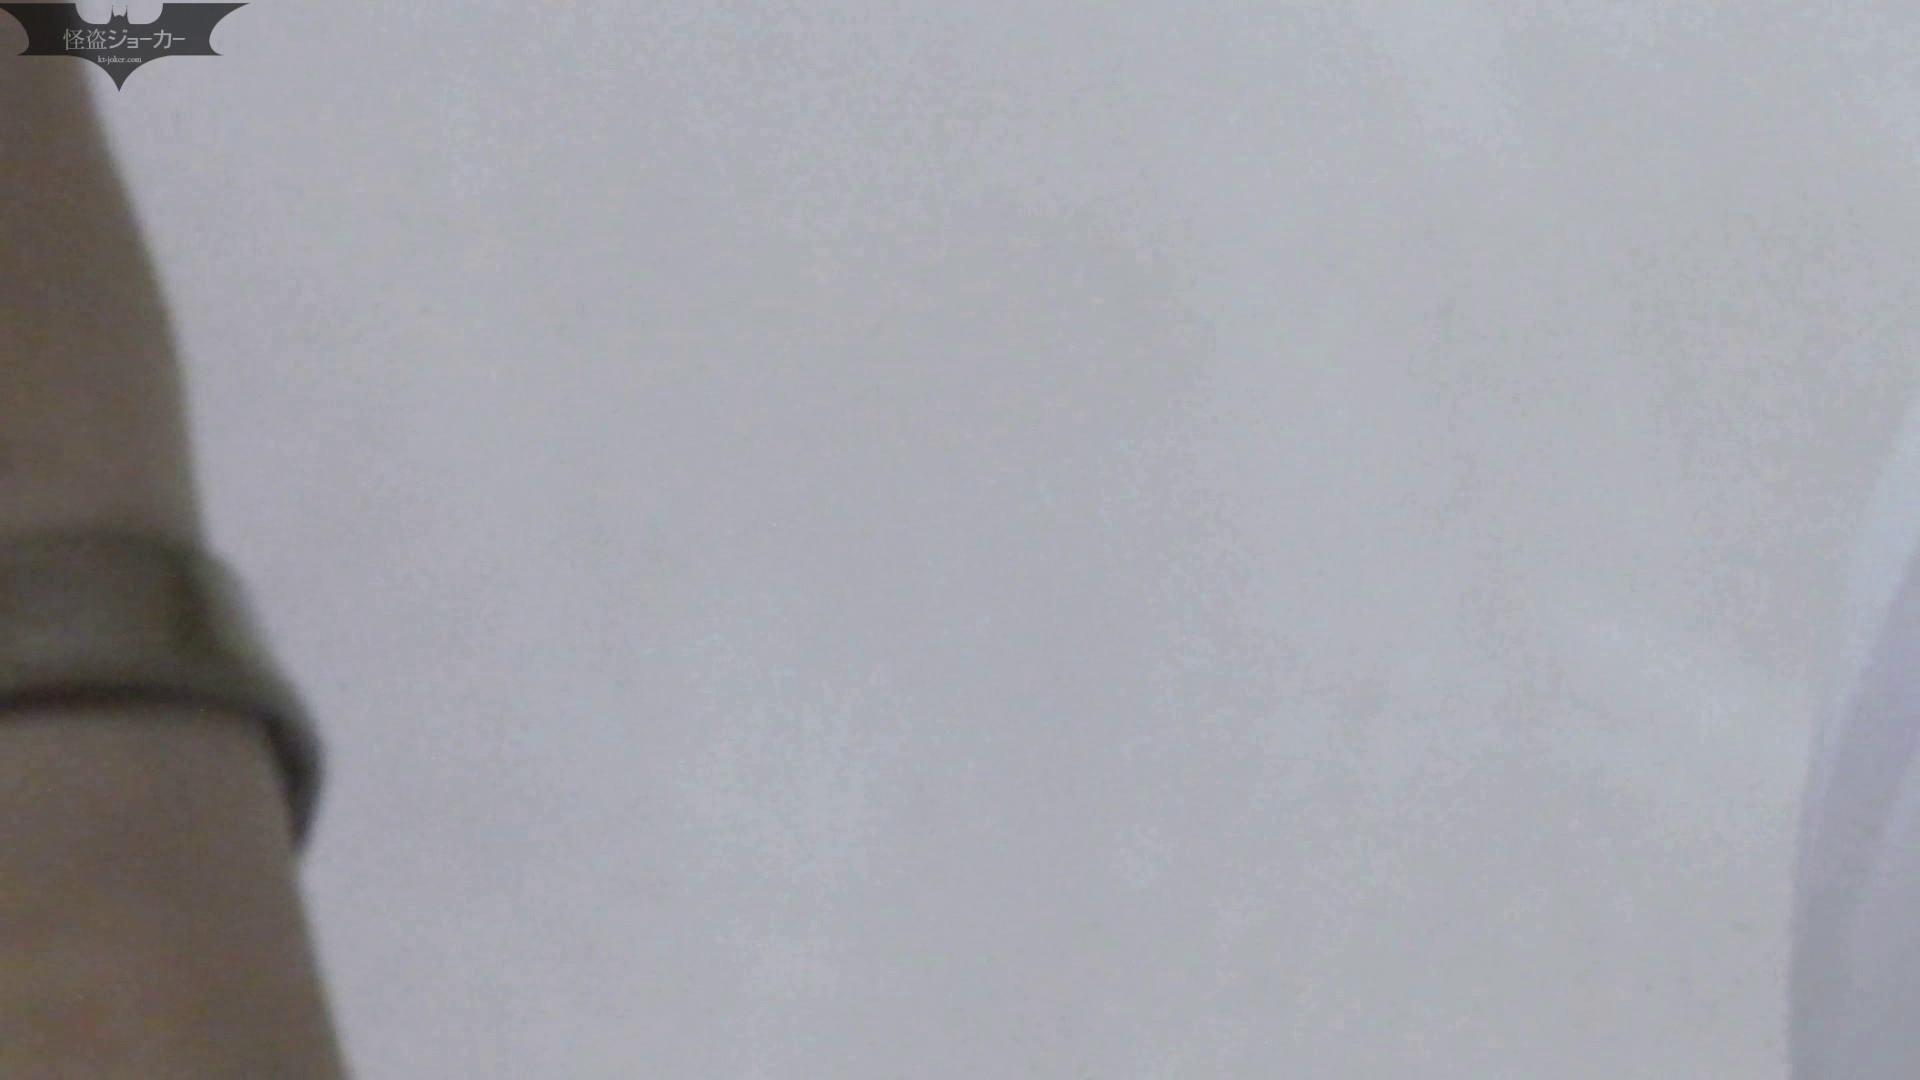 【美しき個室な世界】洗面所特攻隊 vol.046 更に進化【2015・07位】 高評価   高画質  96枚 79